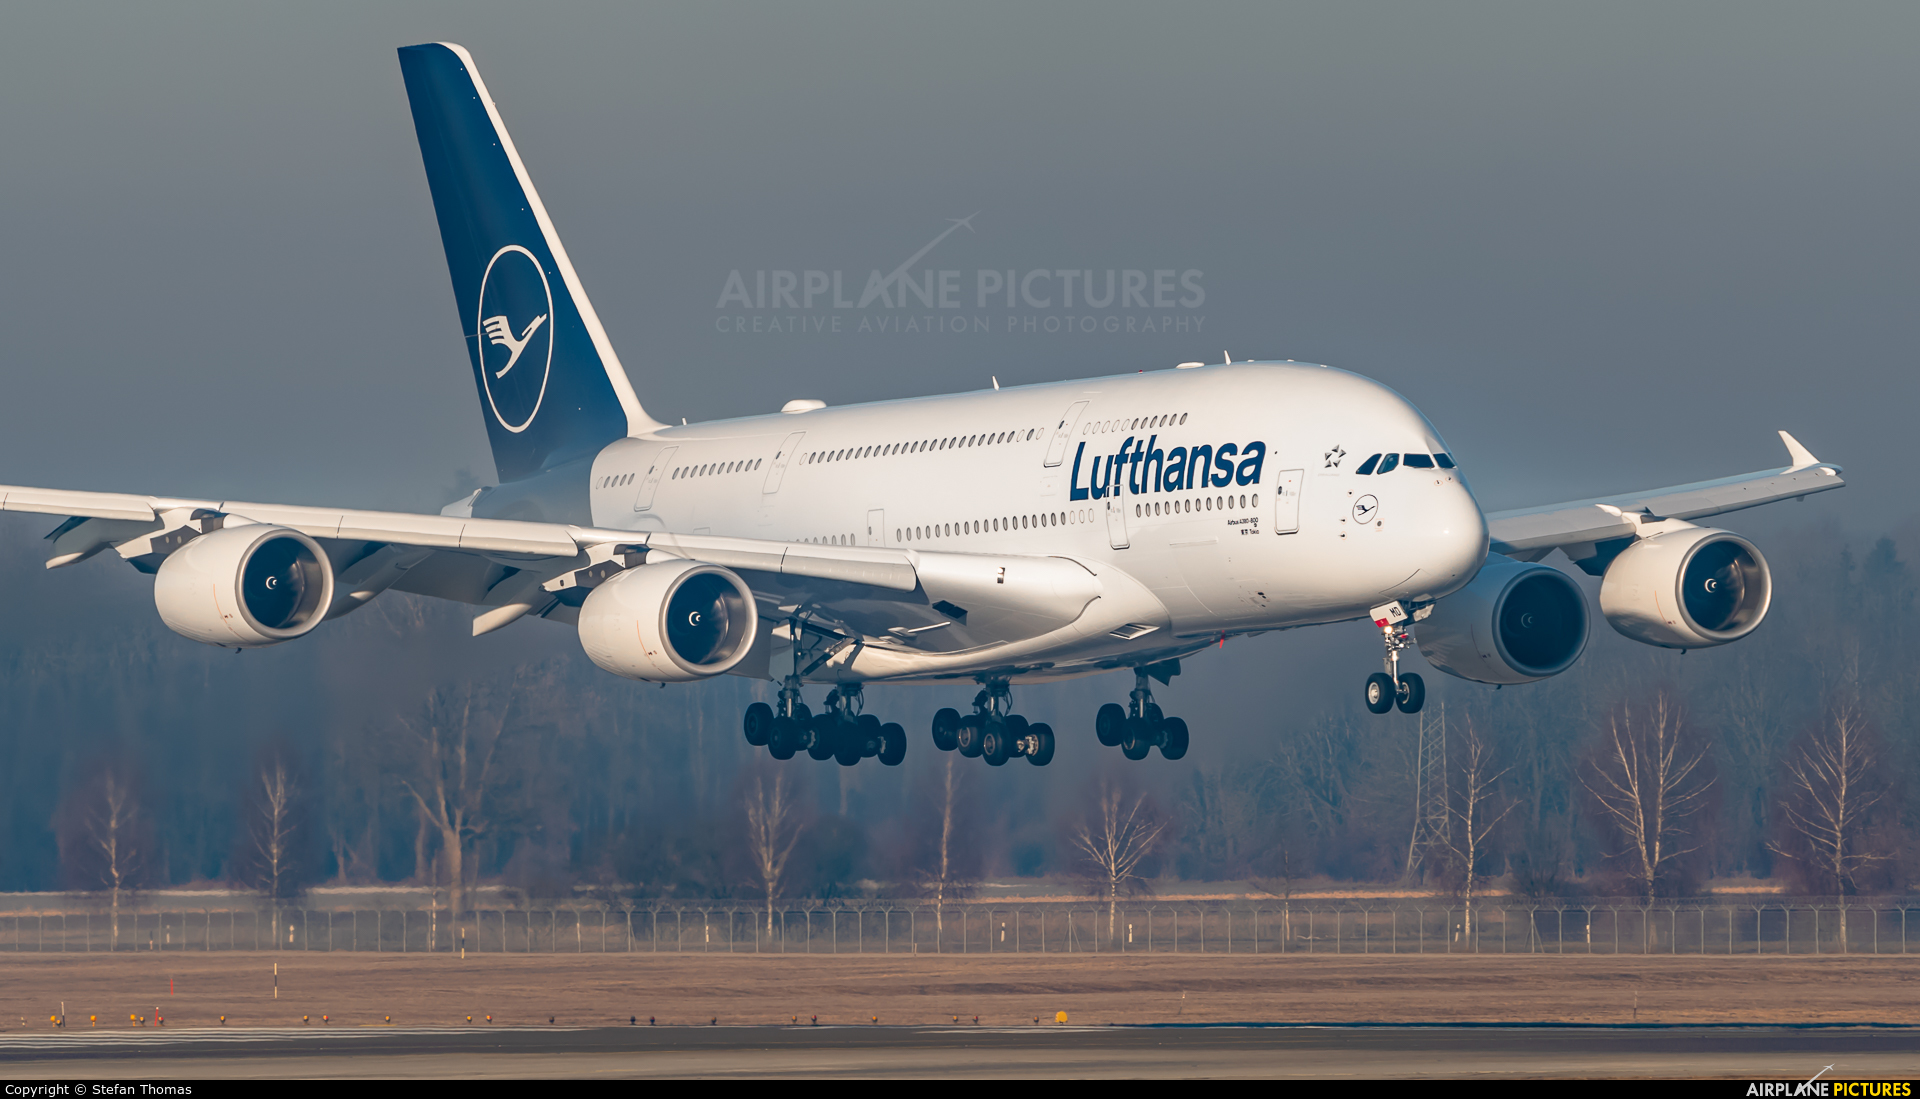 Lufthansa D-AIMD aircraft at Munich